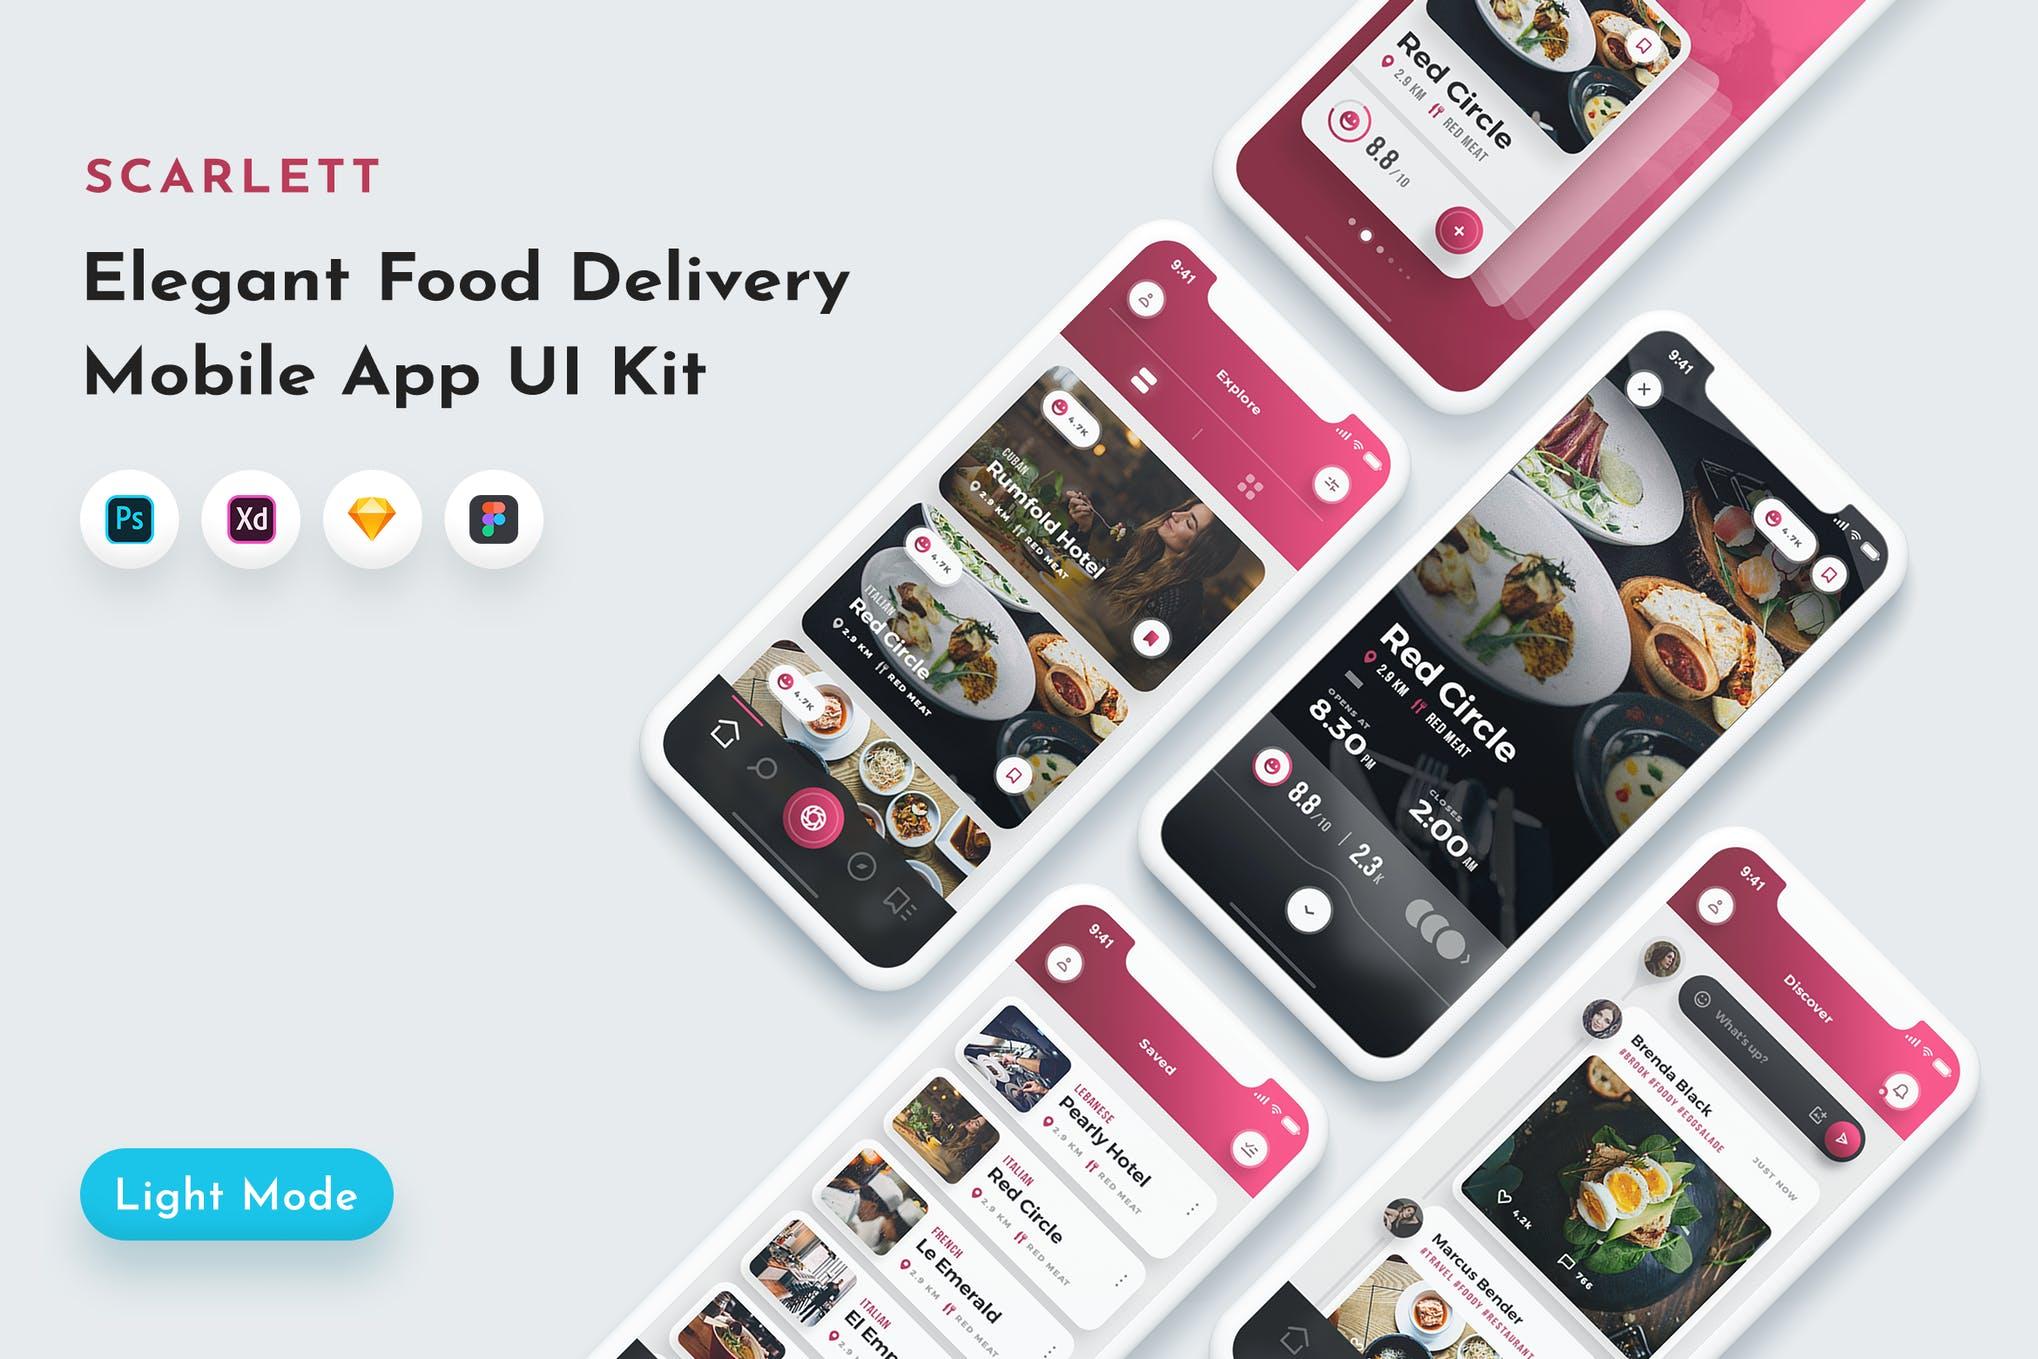 斯嘉丽食品应用程序UI套件UI素材下载